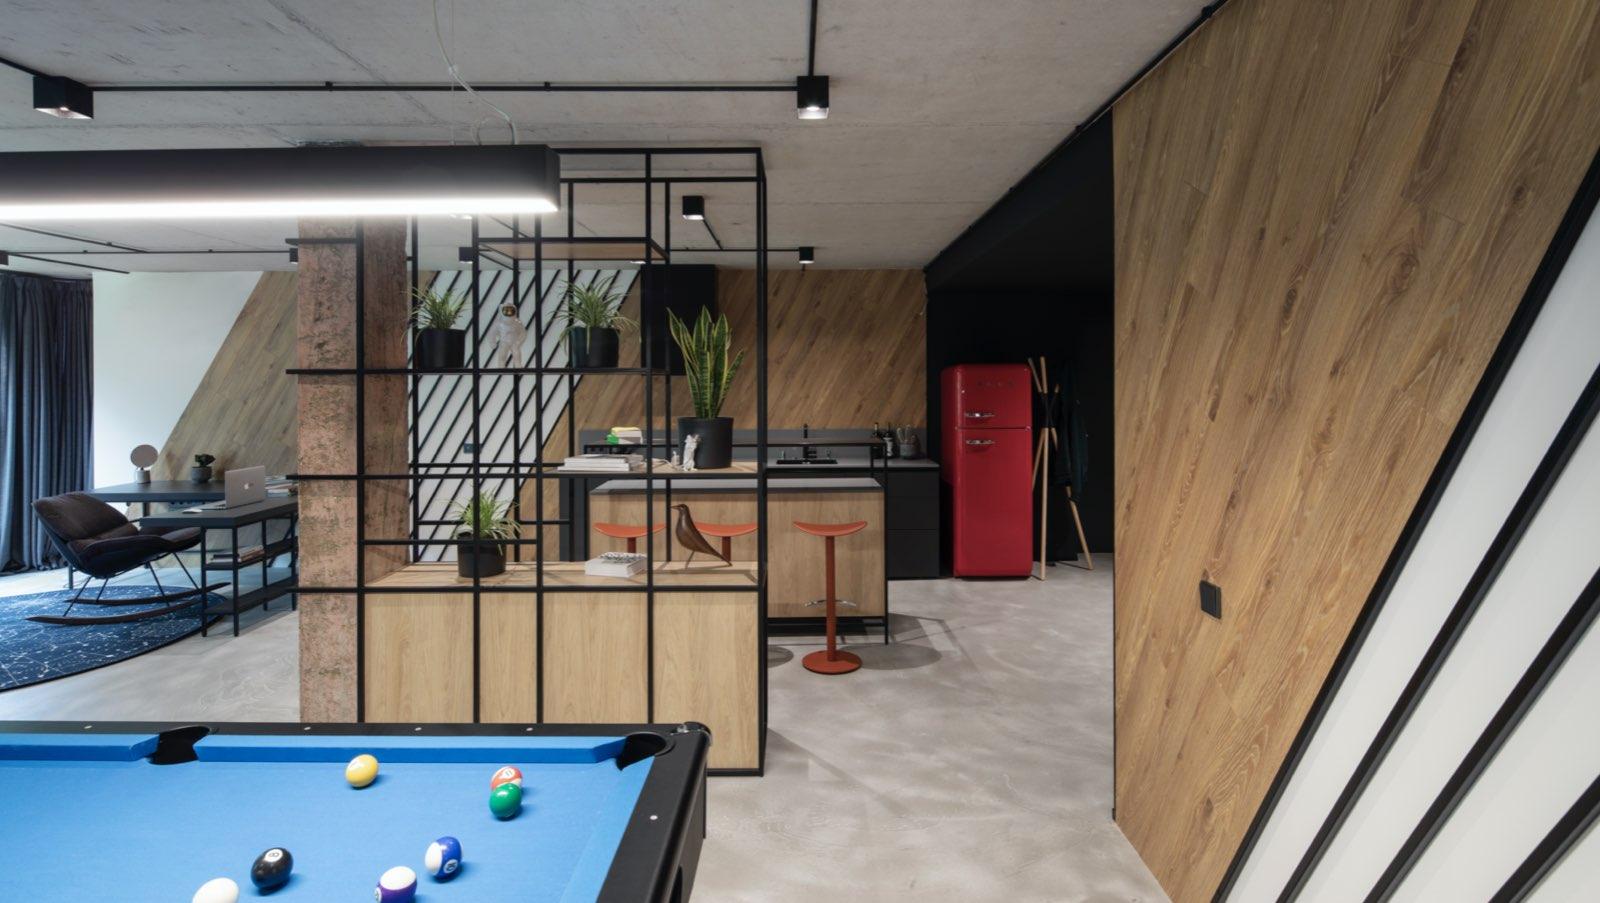 studio-apartment-design-by-allinstudio